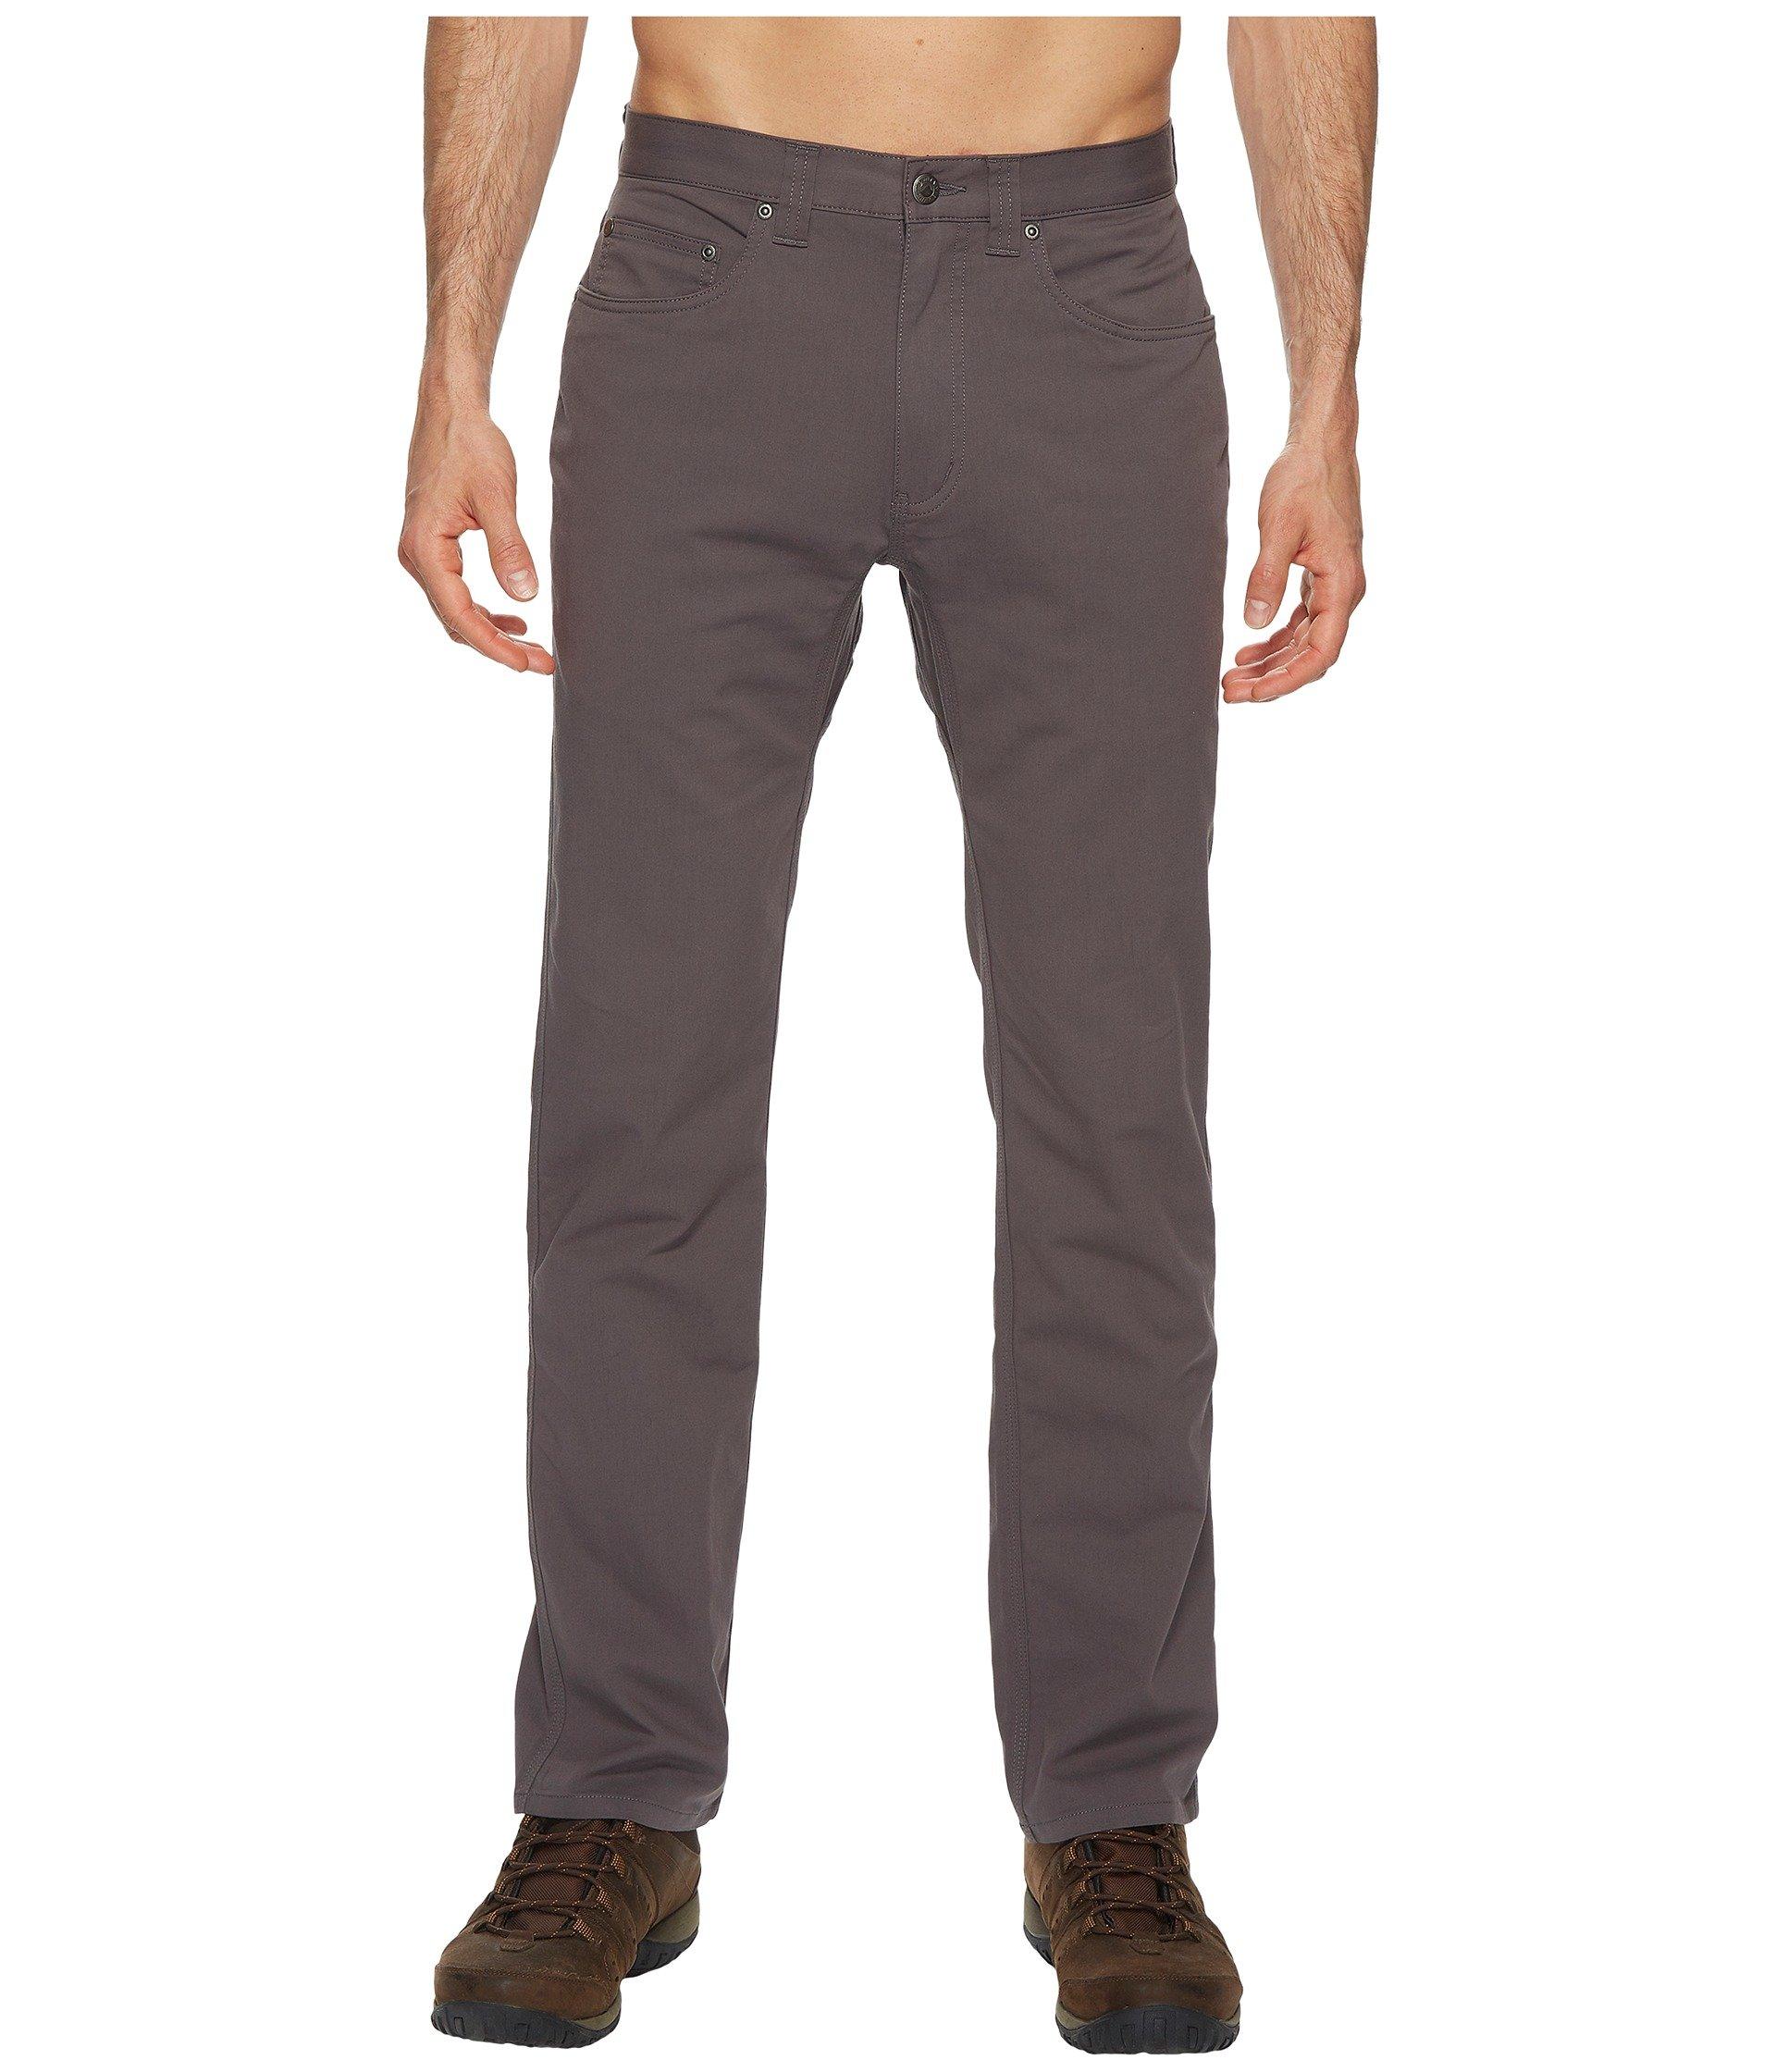 Lodo Khakis Fit Slim Mountain Slate Pants YZ7qv1